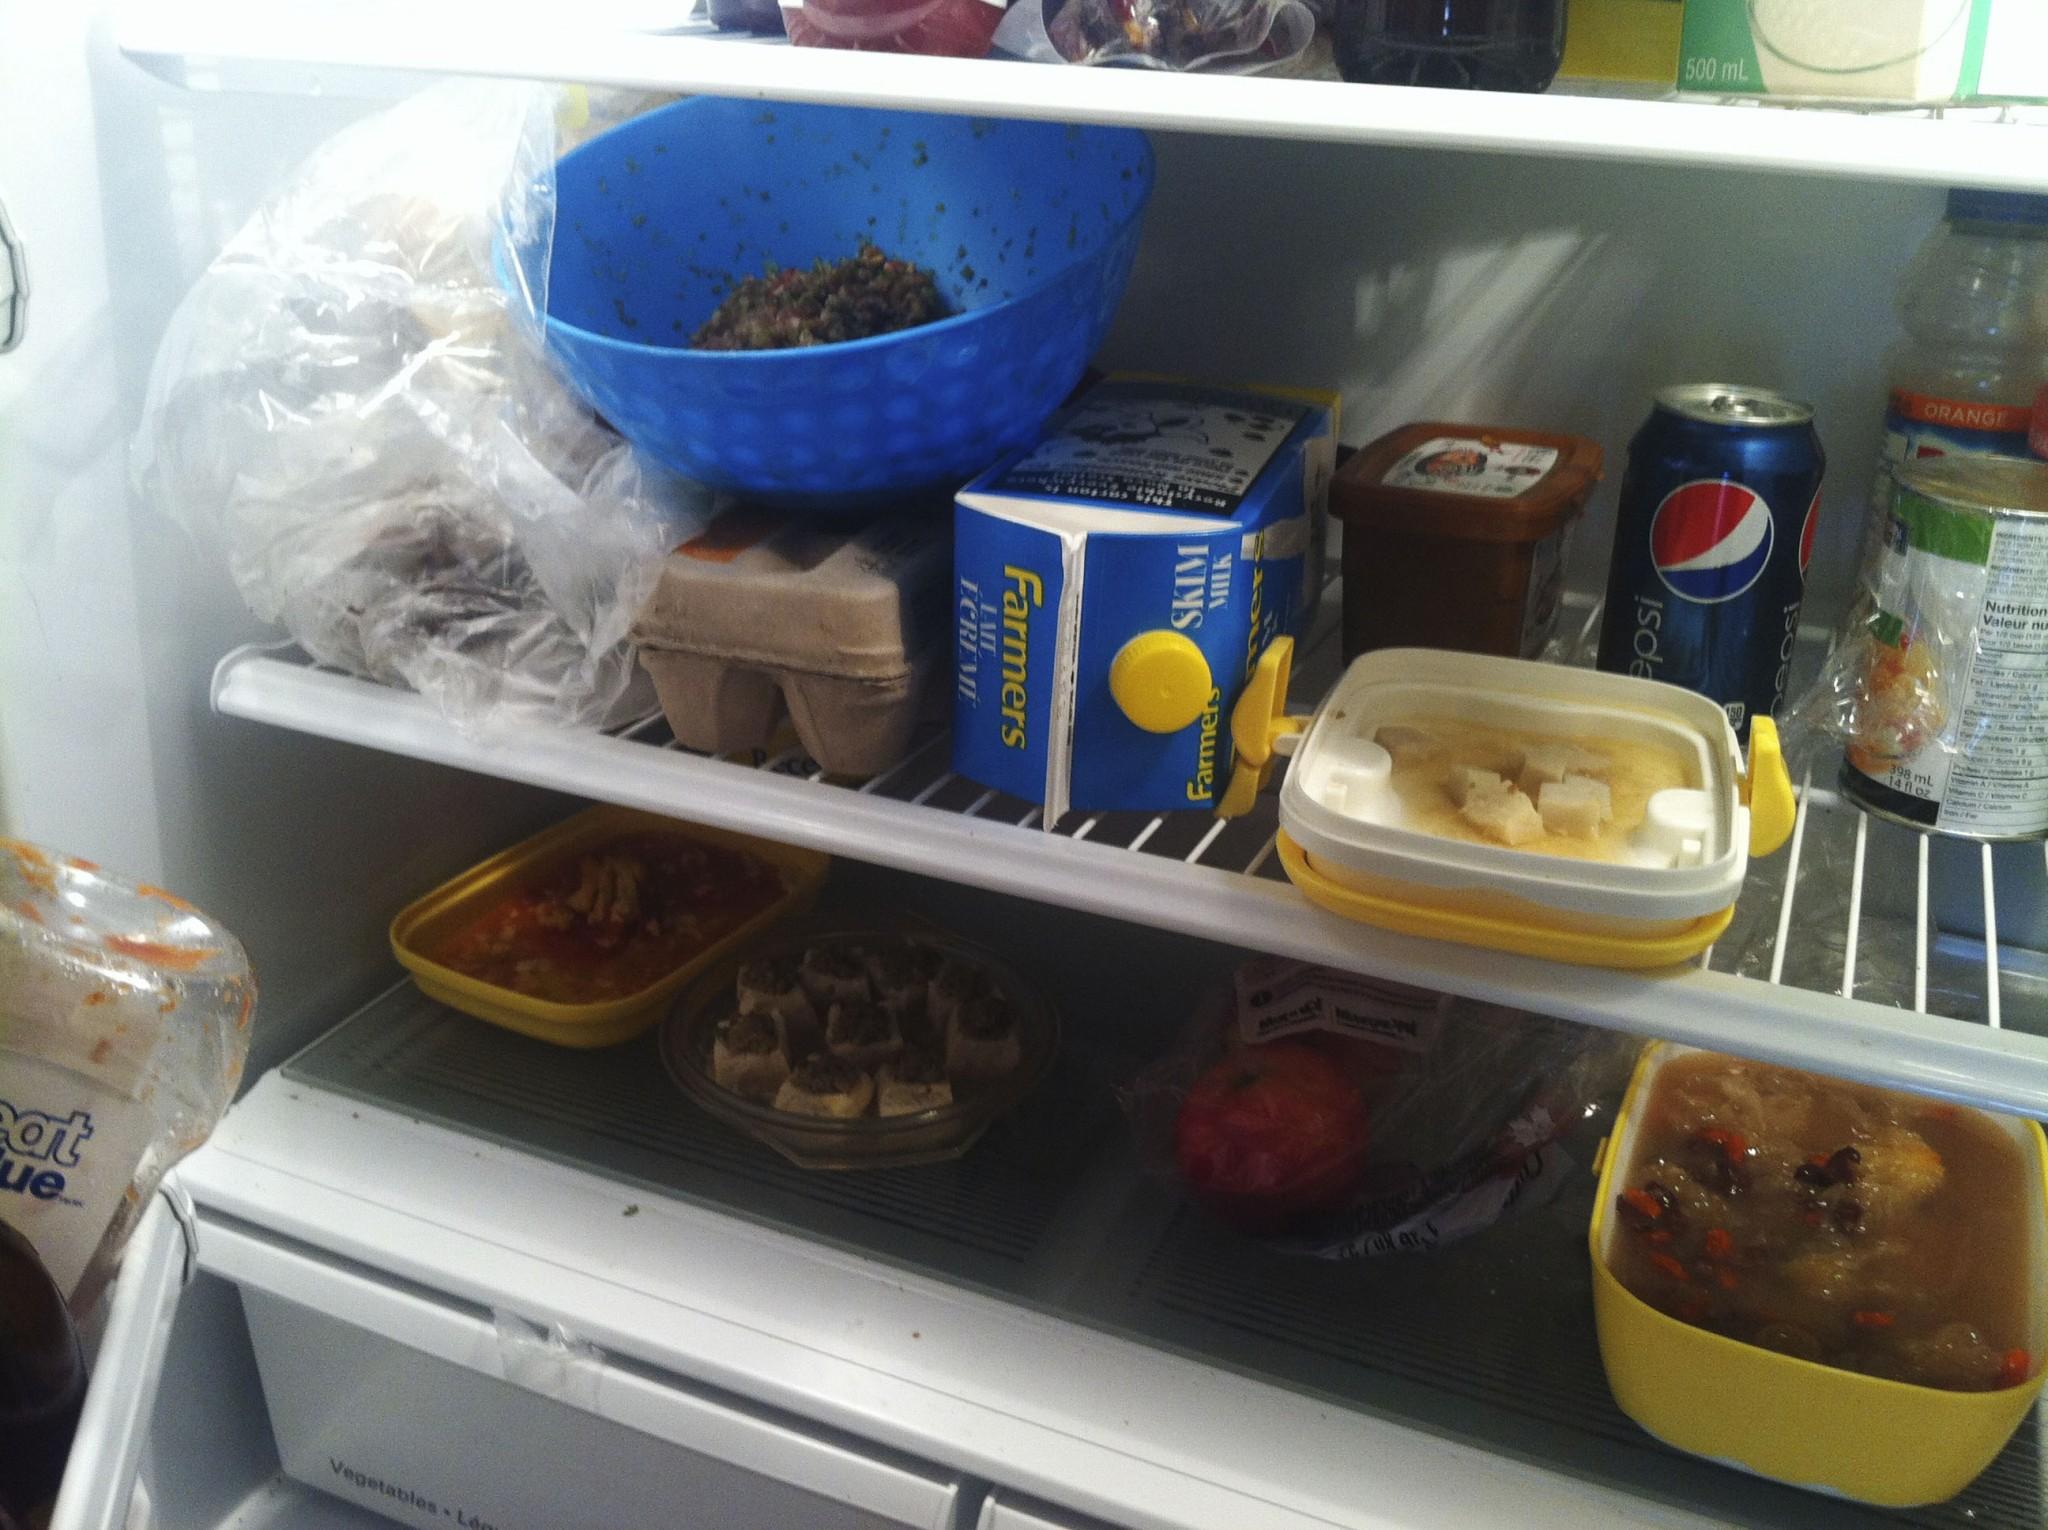 frigider pentru a slabi)